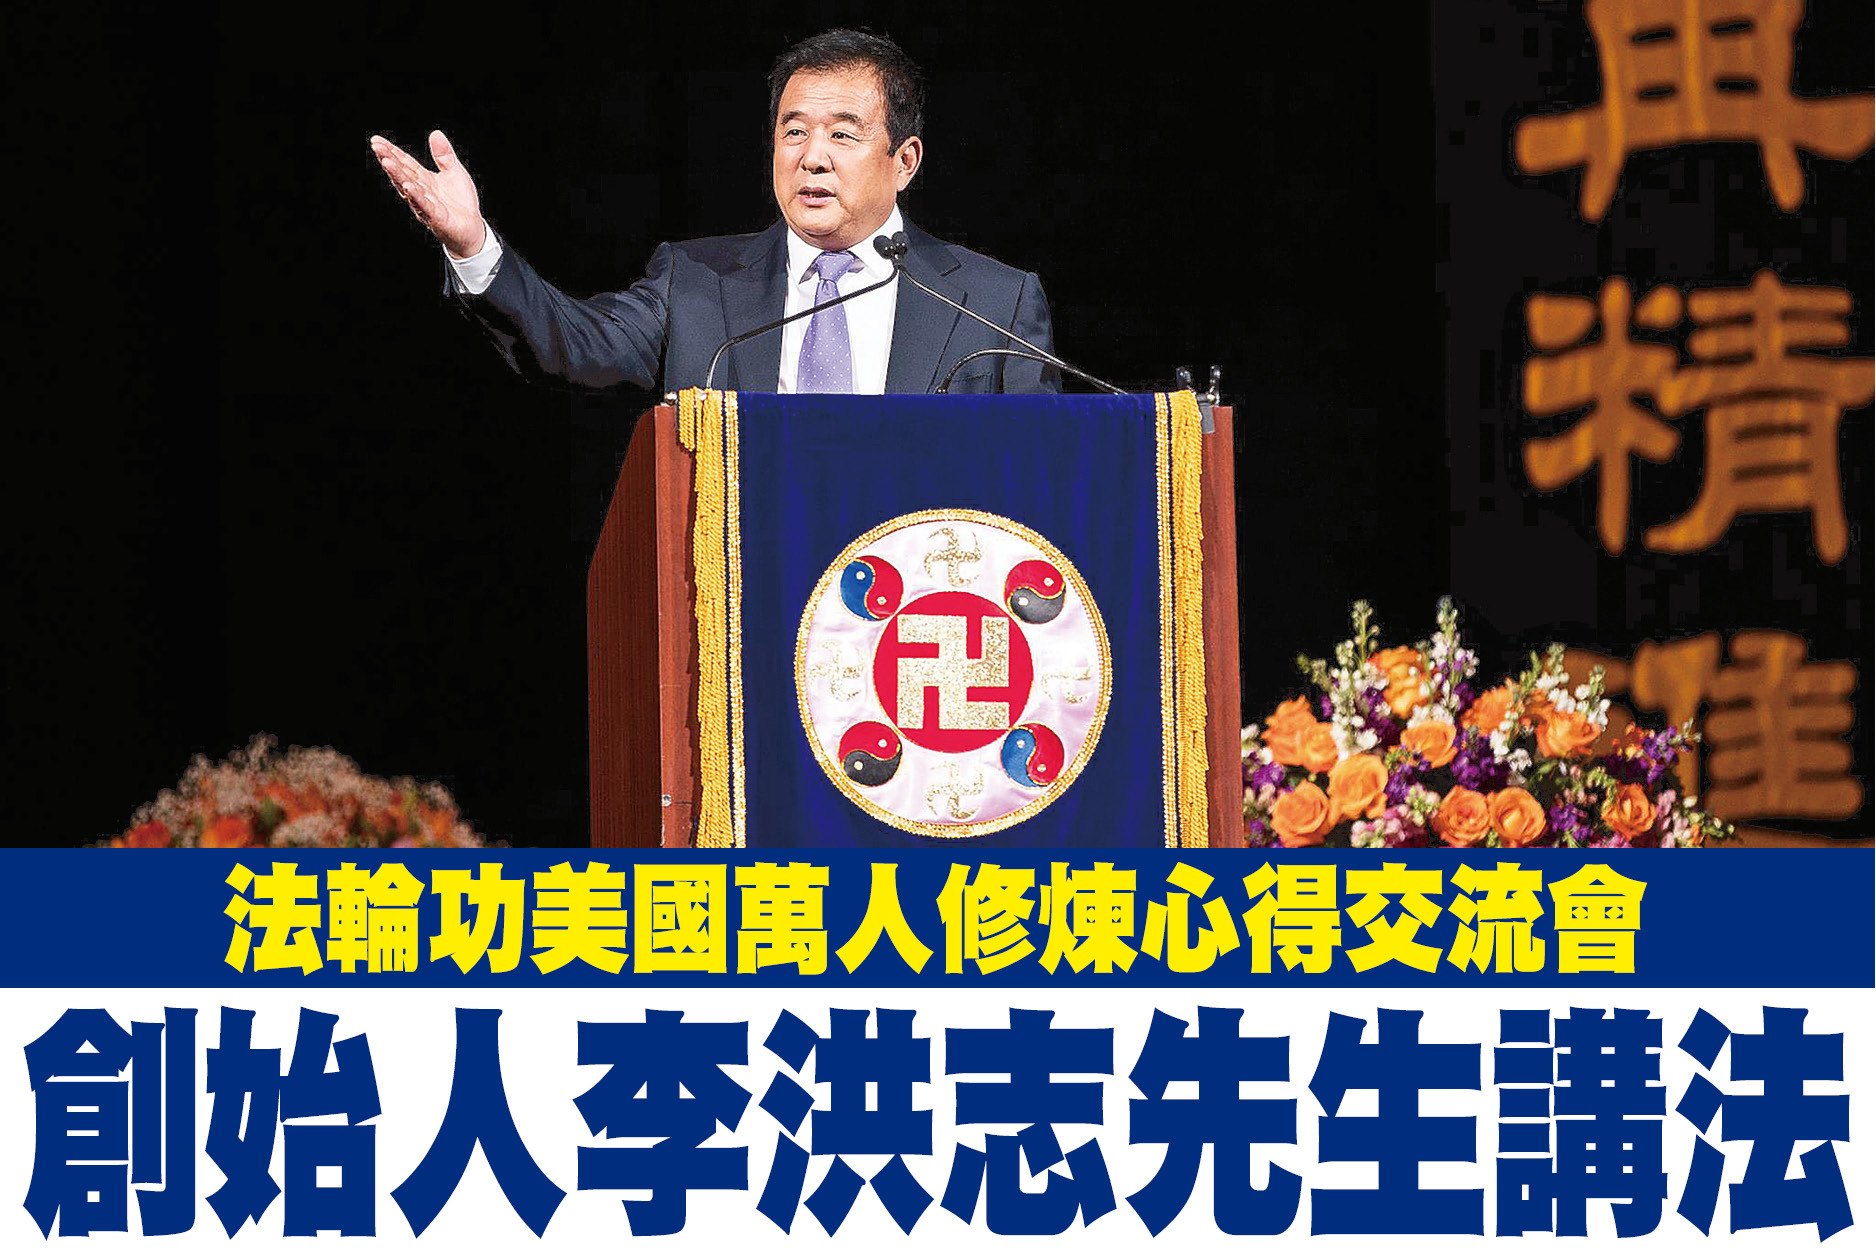 法輪功美國萬人修煉心得交流會 創始人李洪志先生講法